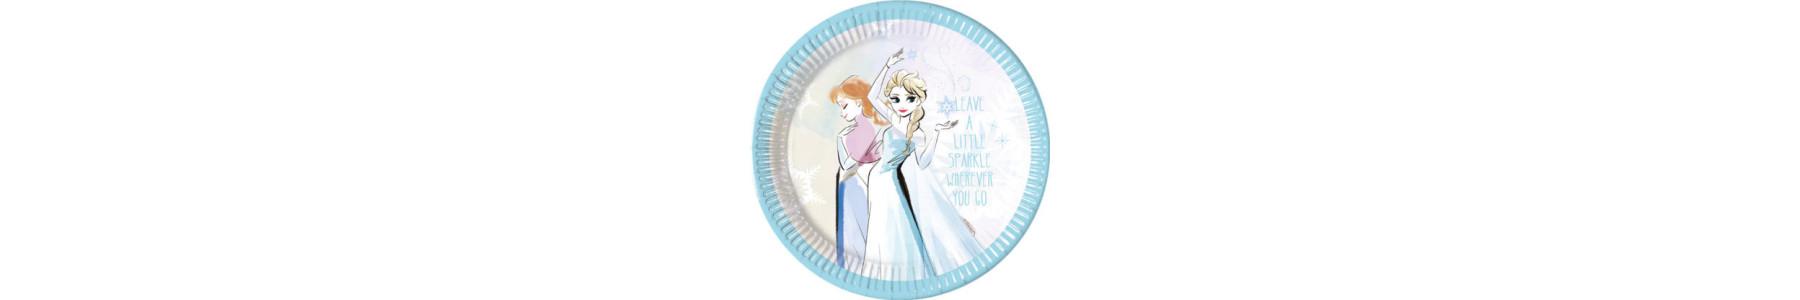 Articole de petrecere Frozen Sparkle